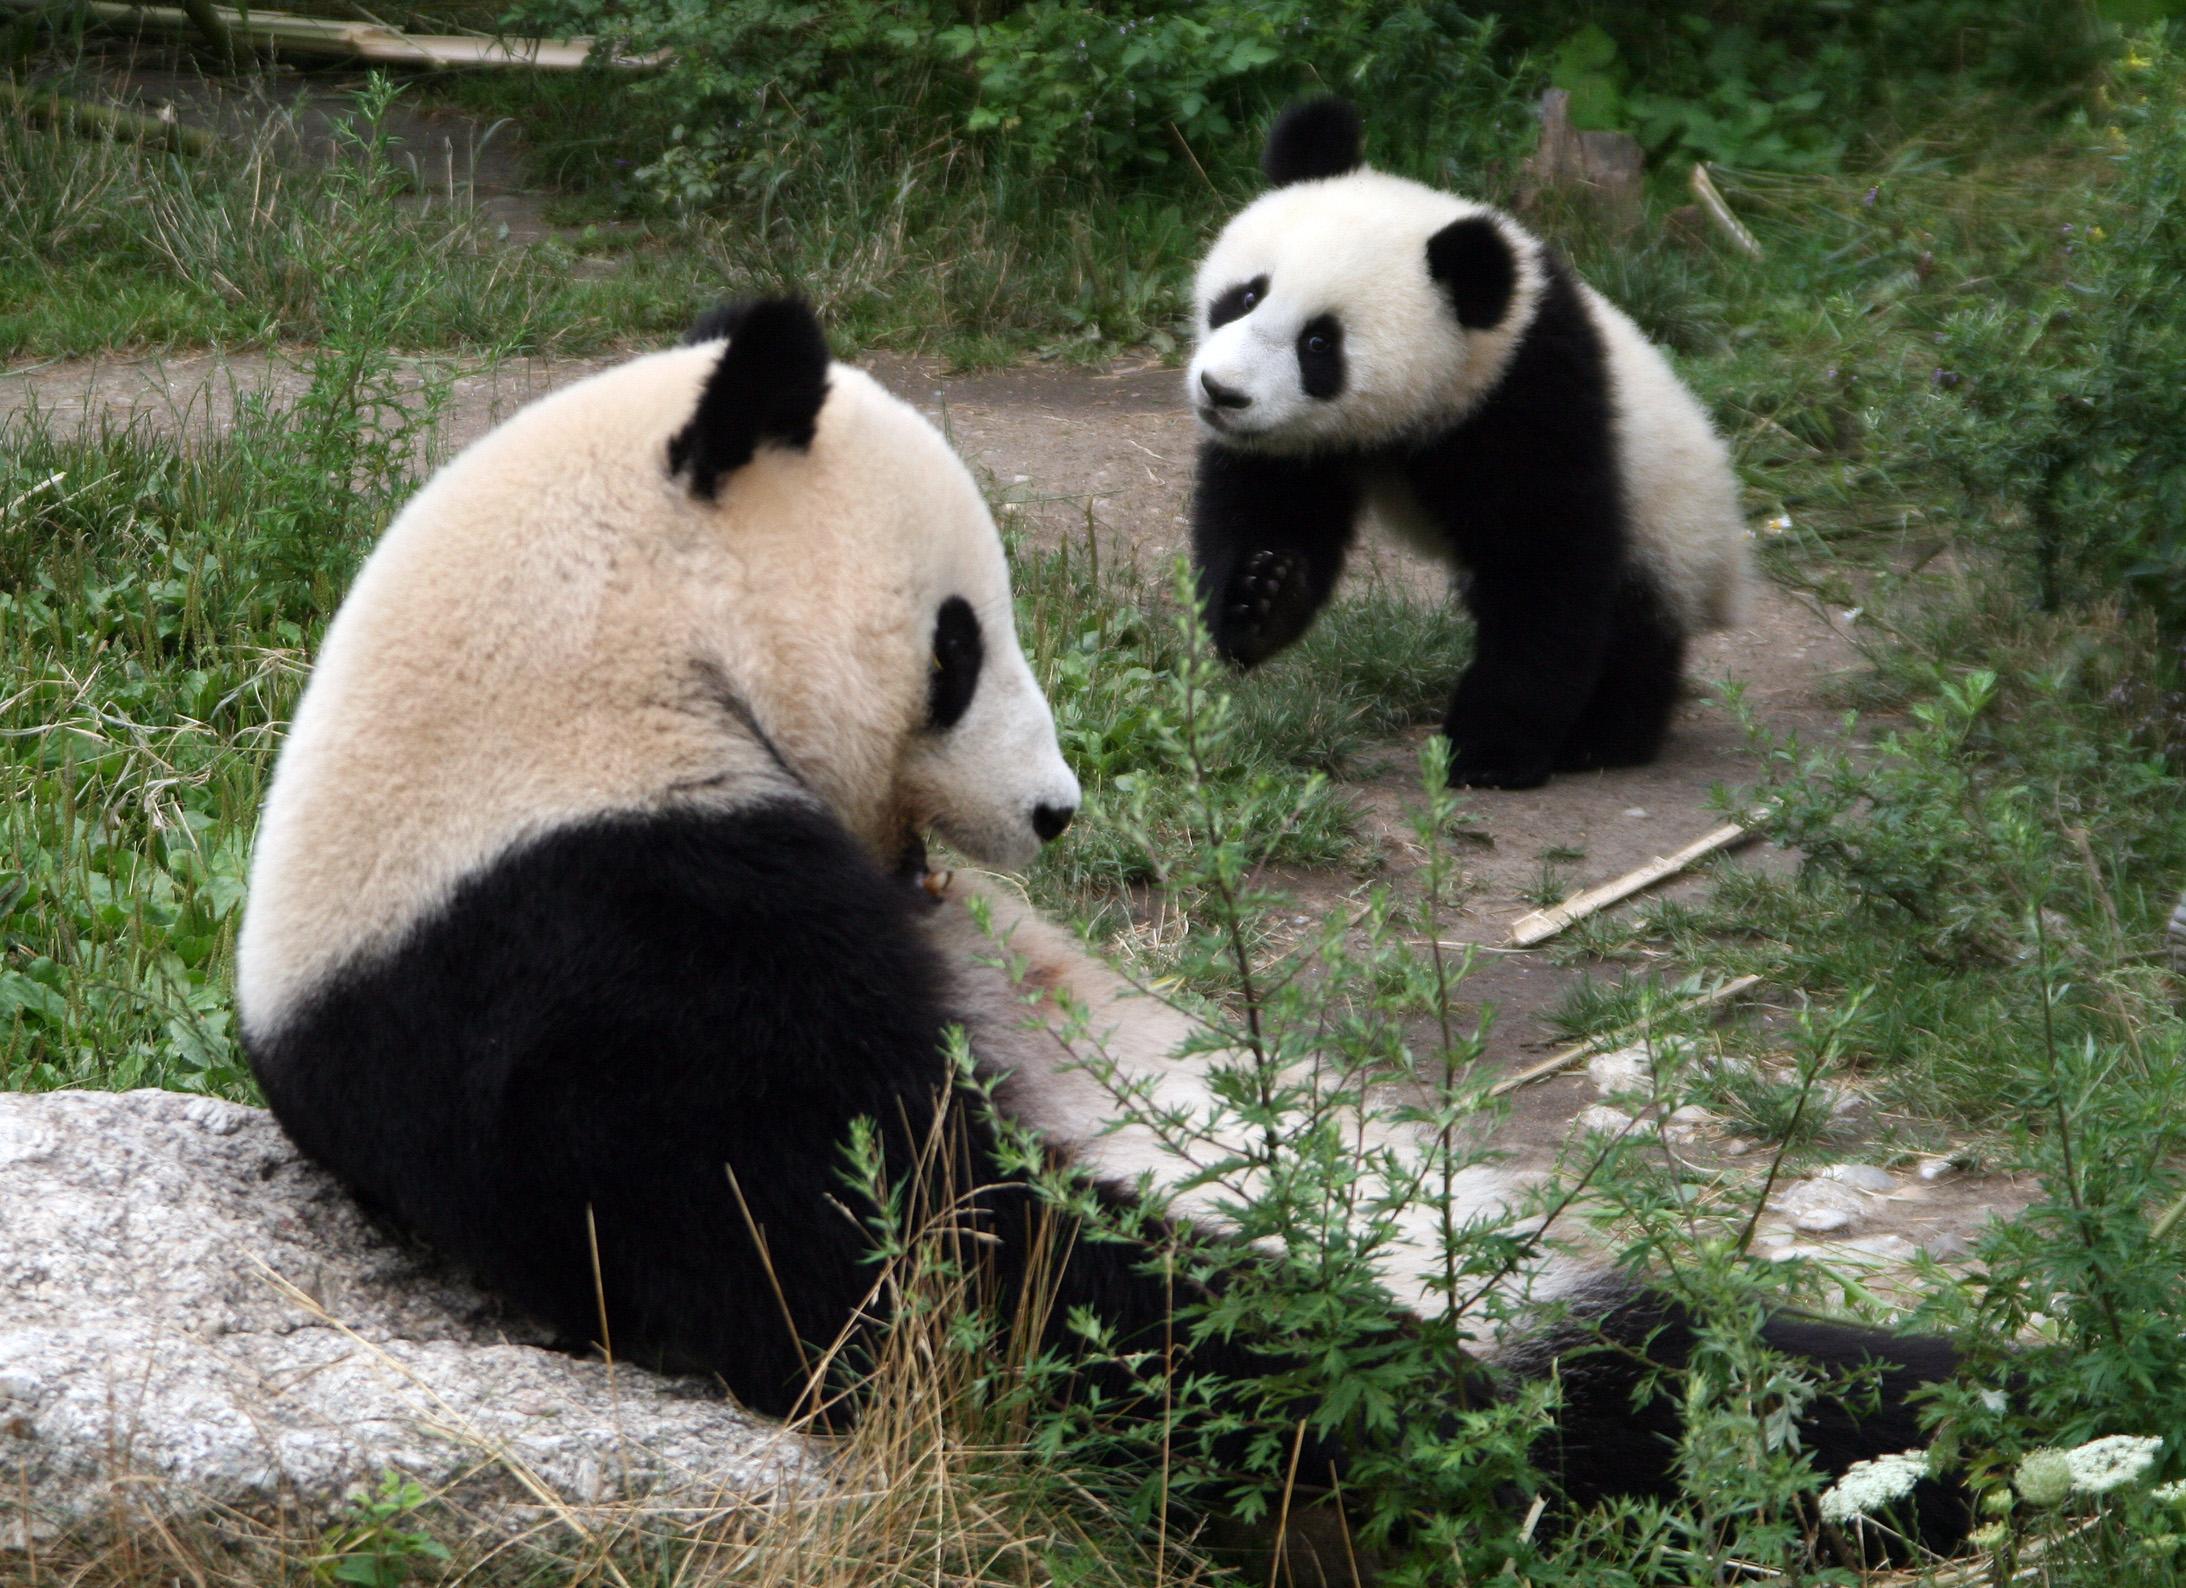 Gro�er Panda (Mutter und 10 Monate alter Nachwuchs), Fotograf: Manfred Werner